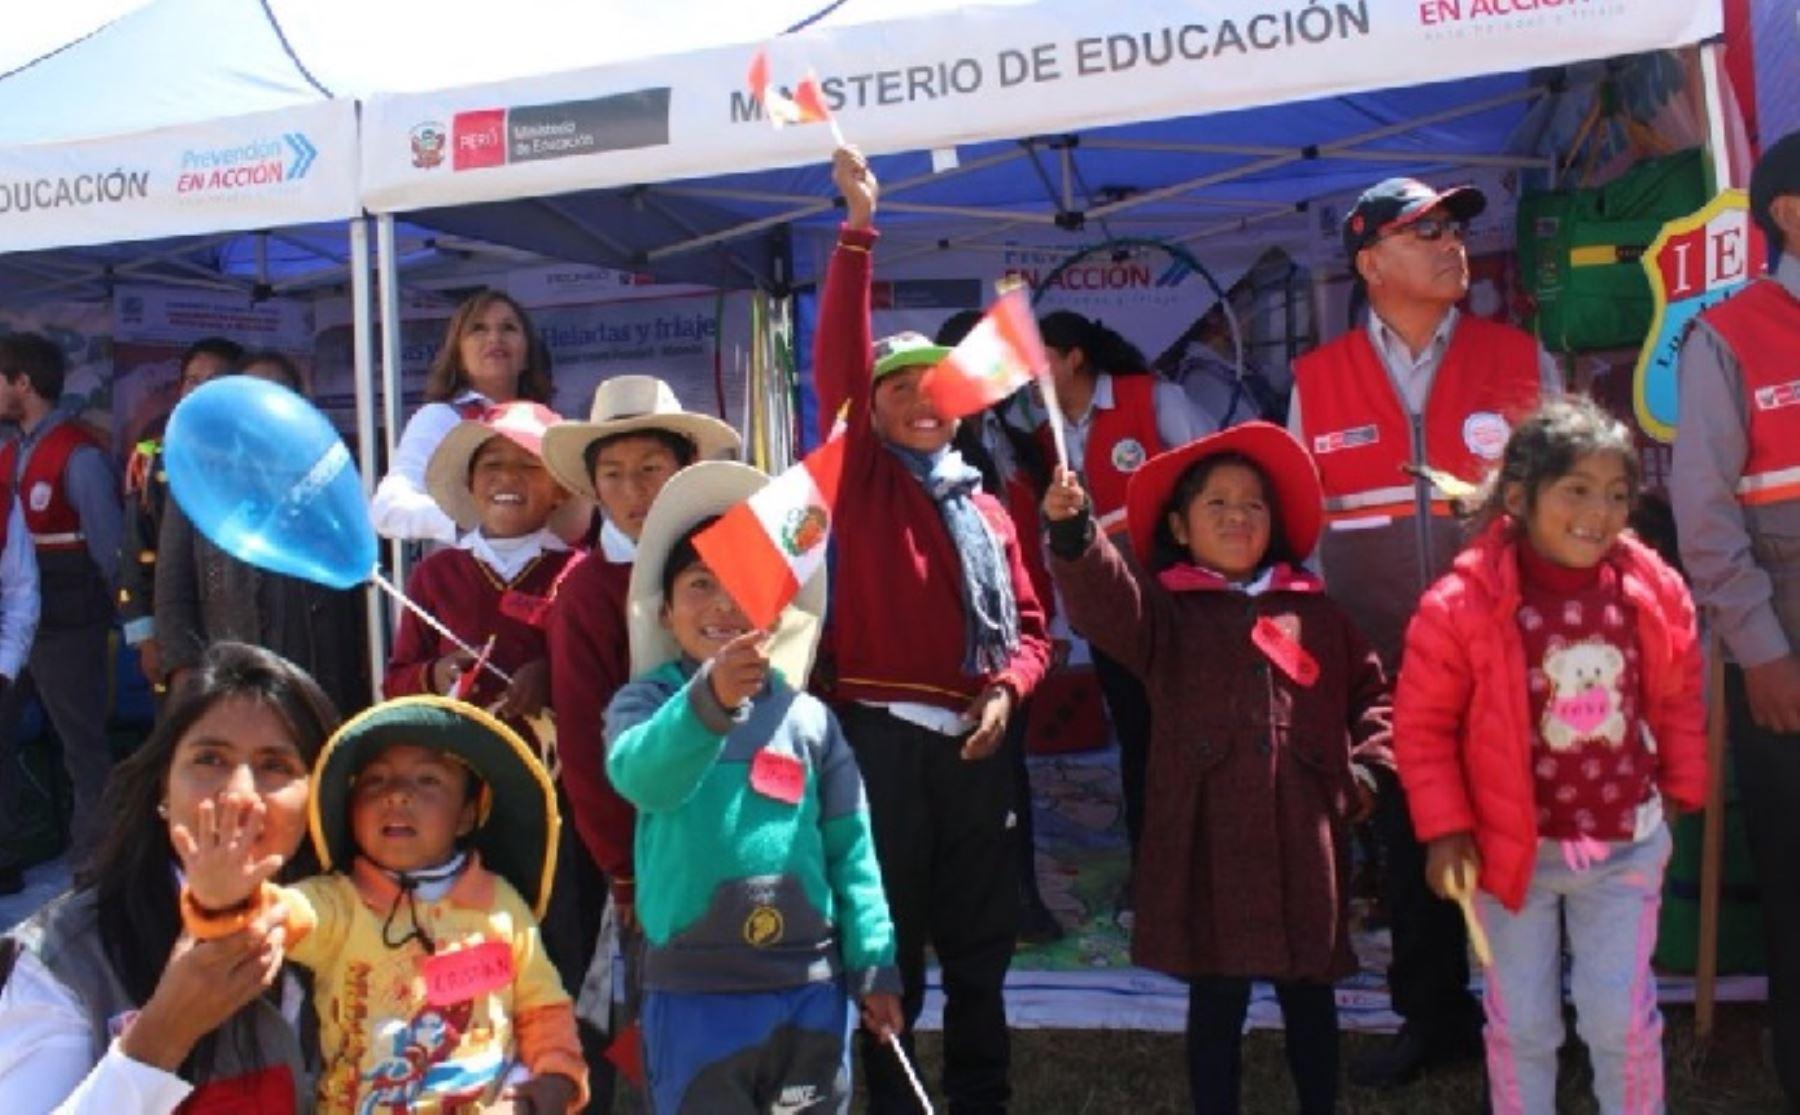 Más de 1500 centros educativos se beneficiarán  con 3078 kits pedagógicos especiales, de soporte socioemocional y actividades lúdicas que servirán para afrontar heladas y friajes.